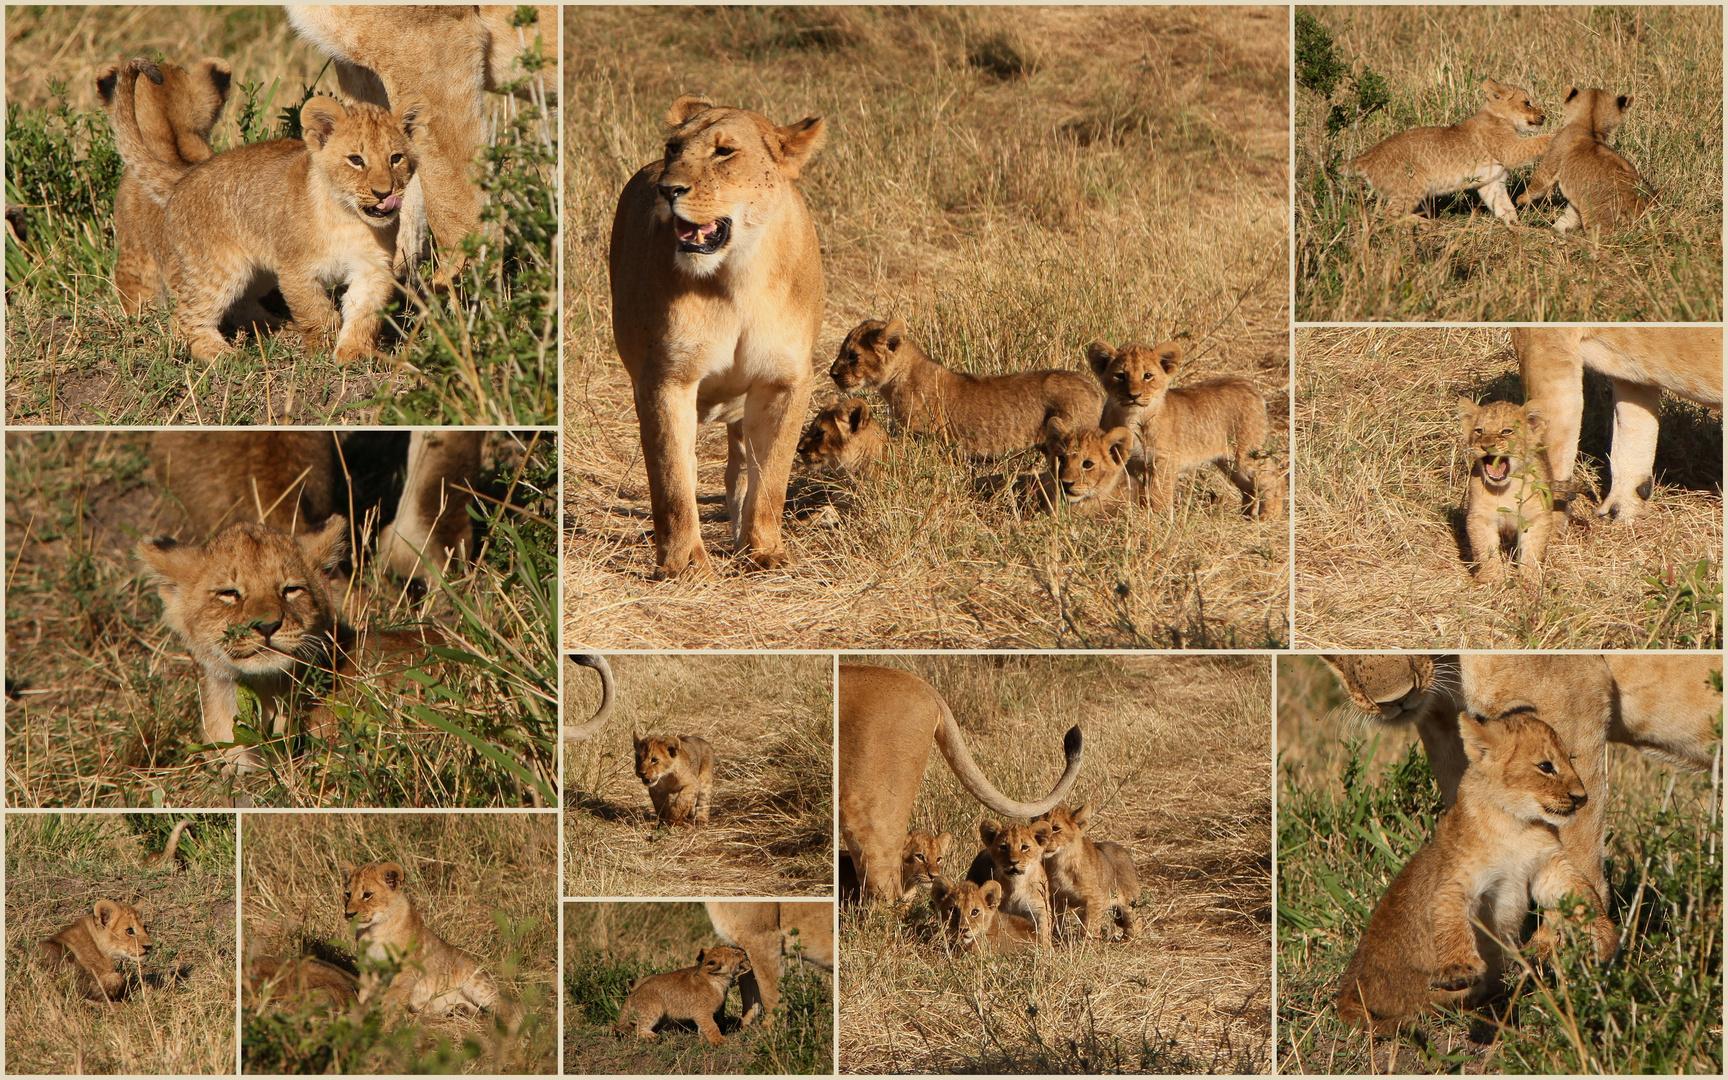 Mimik und Spielerei der Löwenbabys